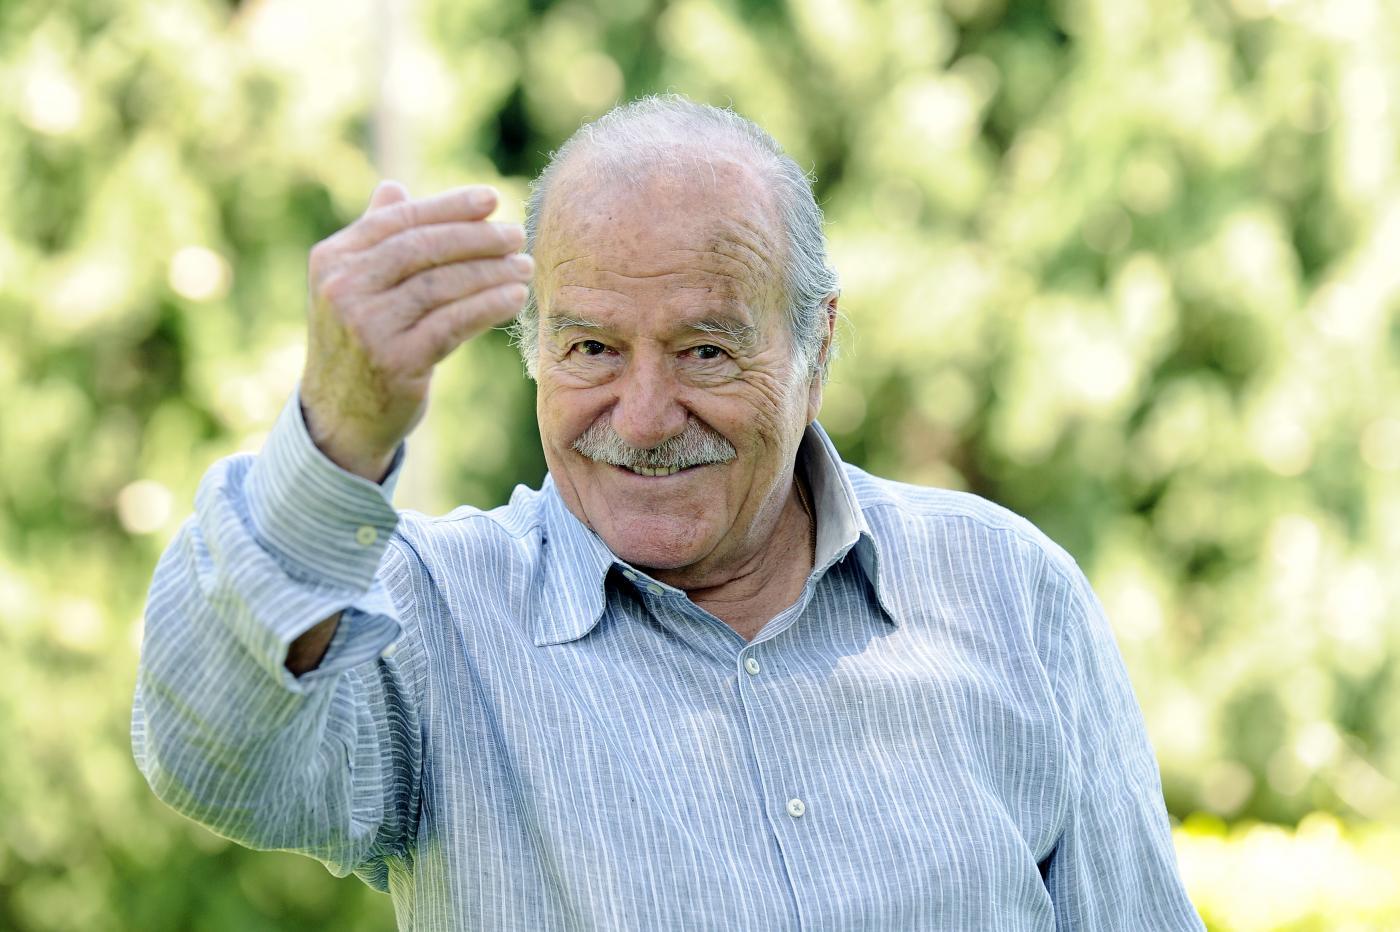 Morto Ivo Garrani